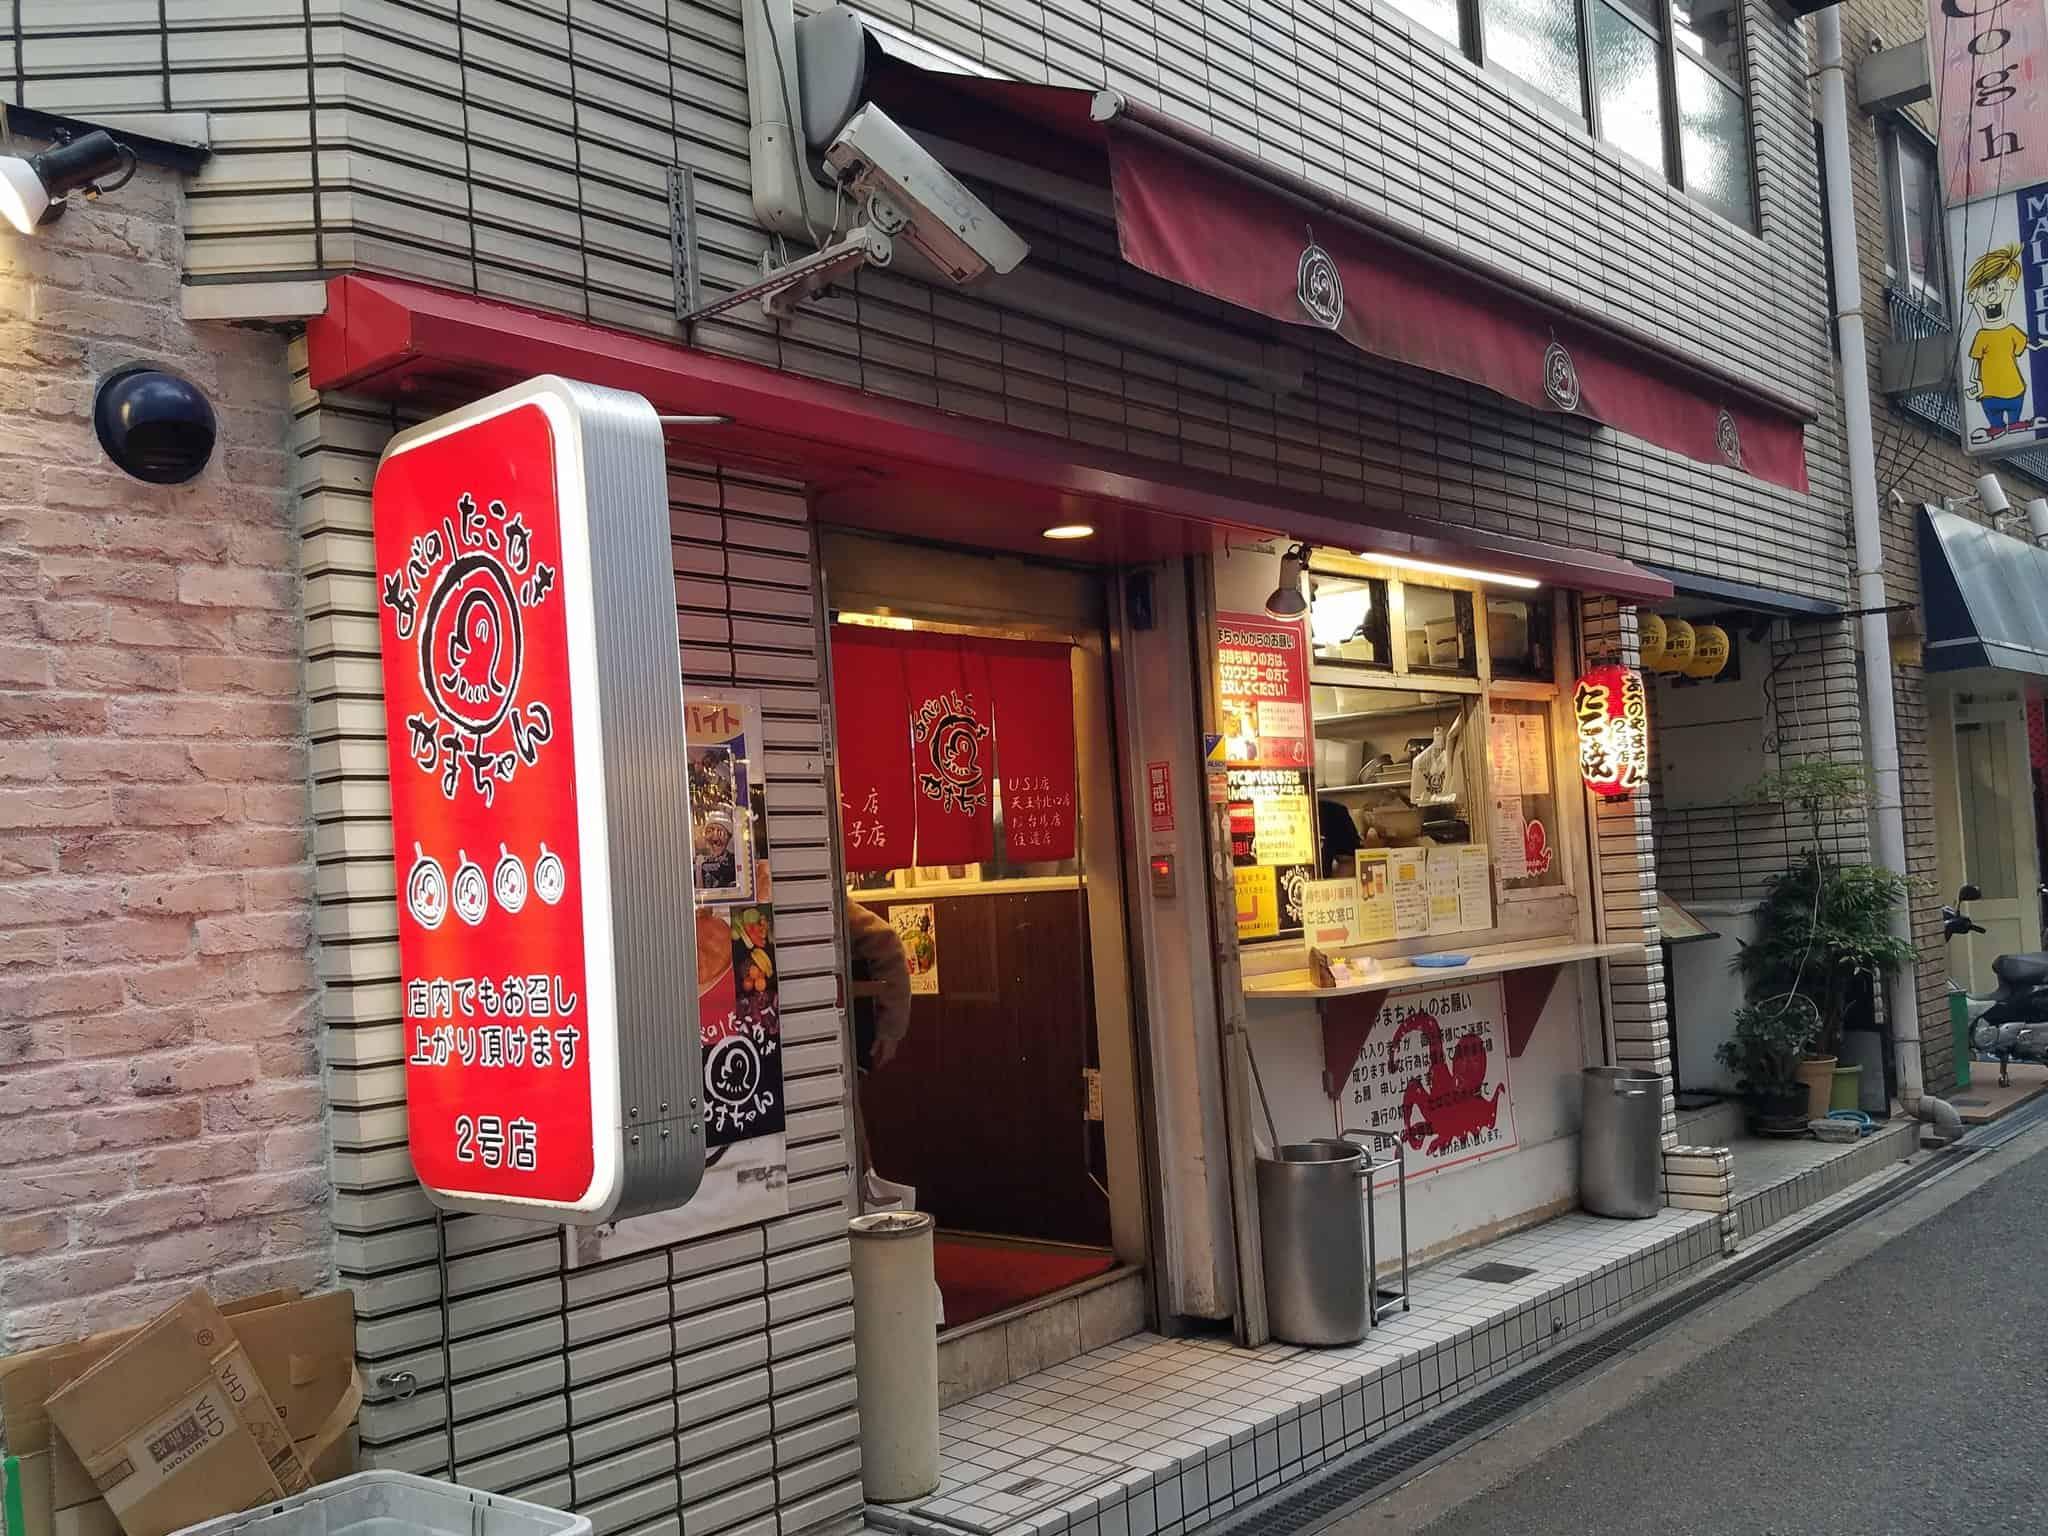 ร้านทาโกยากิในโอซาก้า : Abeno Takoyaki Yamachan Nigoten